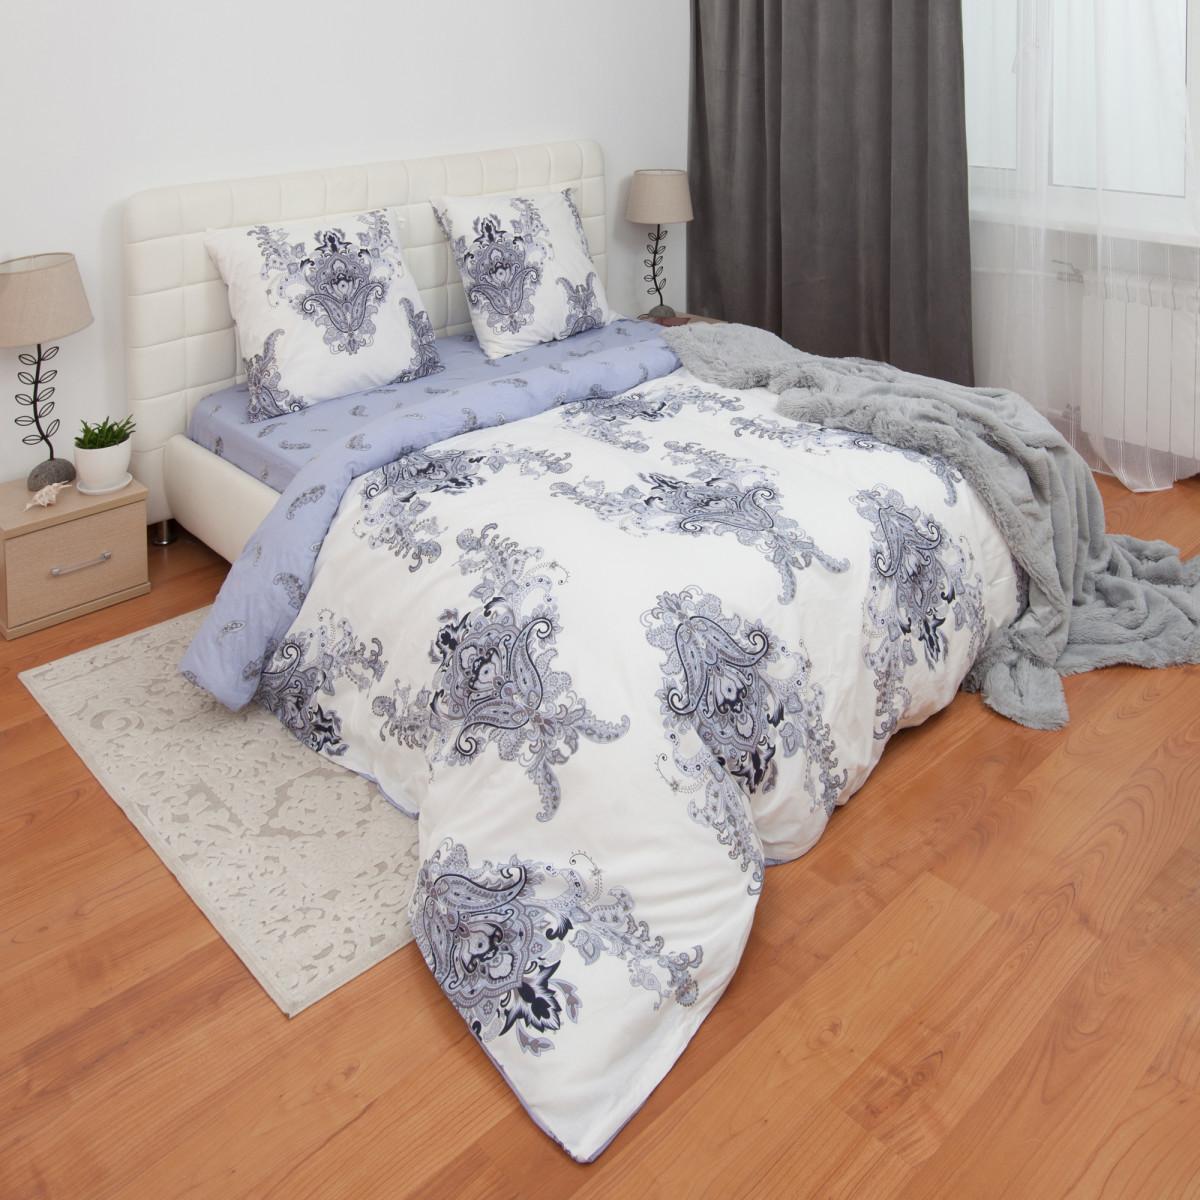 Комплект Постельного Белья Roshel Полутораспальный Поплин 50x70